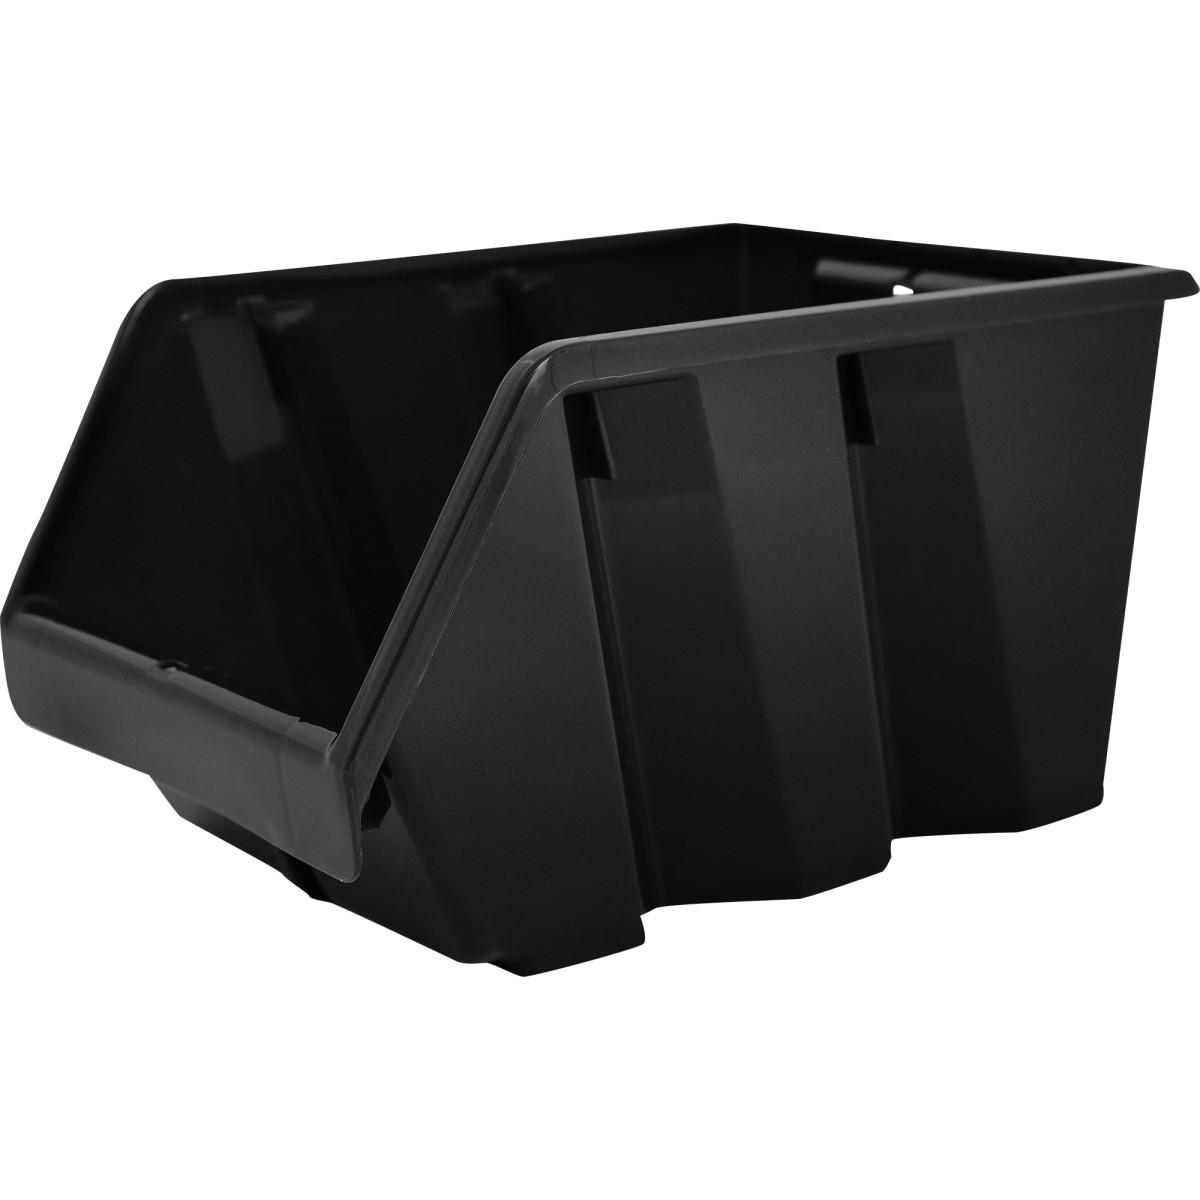 Лоток Volf 15.5х22.5х12.8 см пластик цвет чёрный